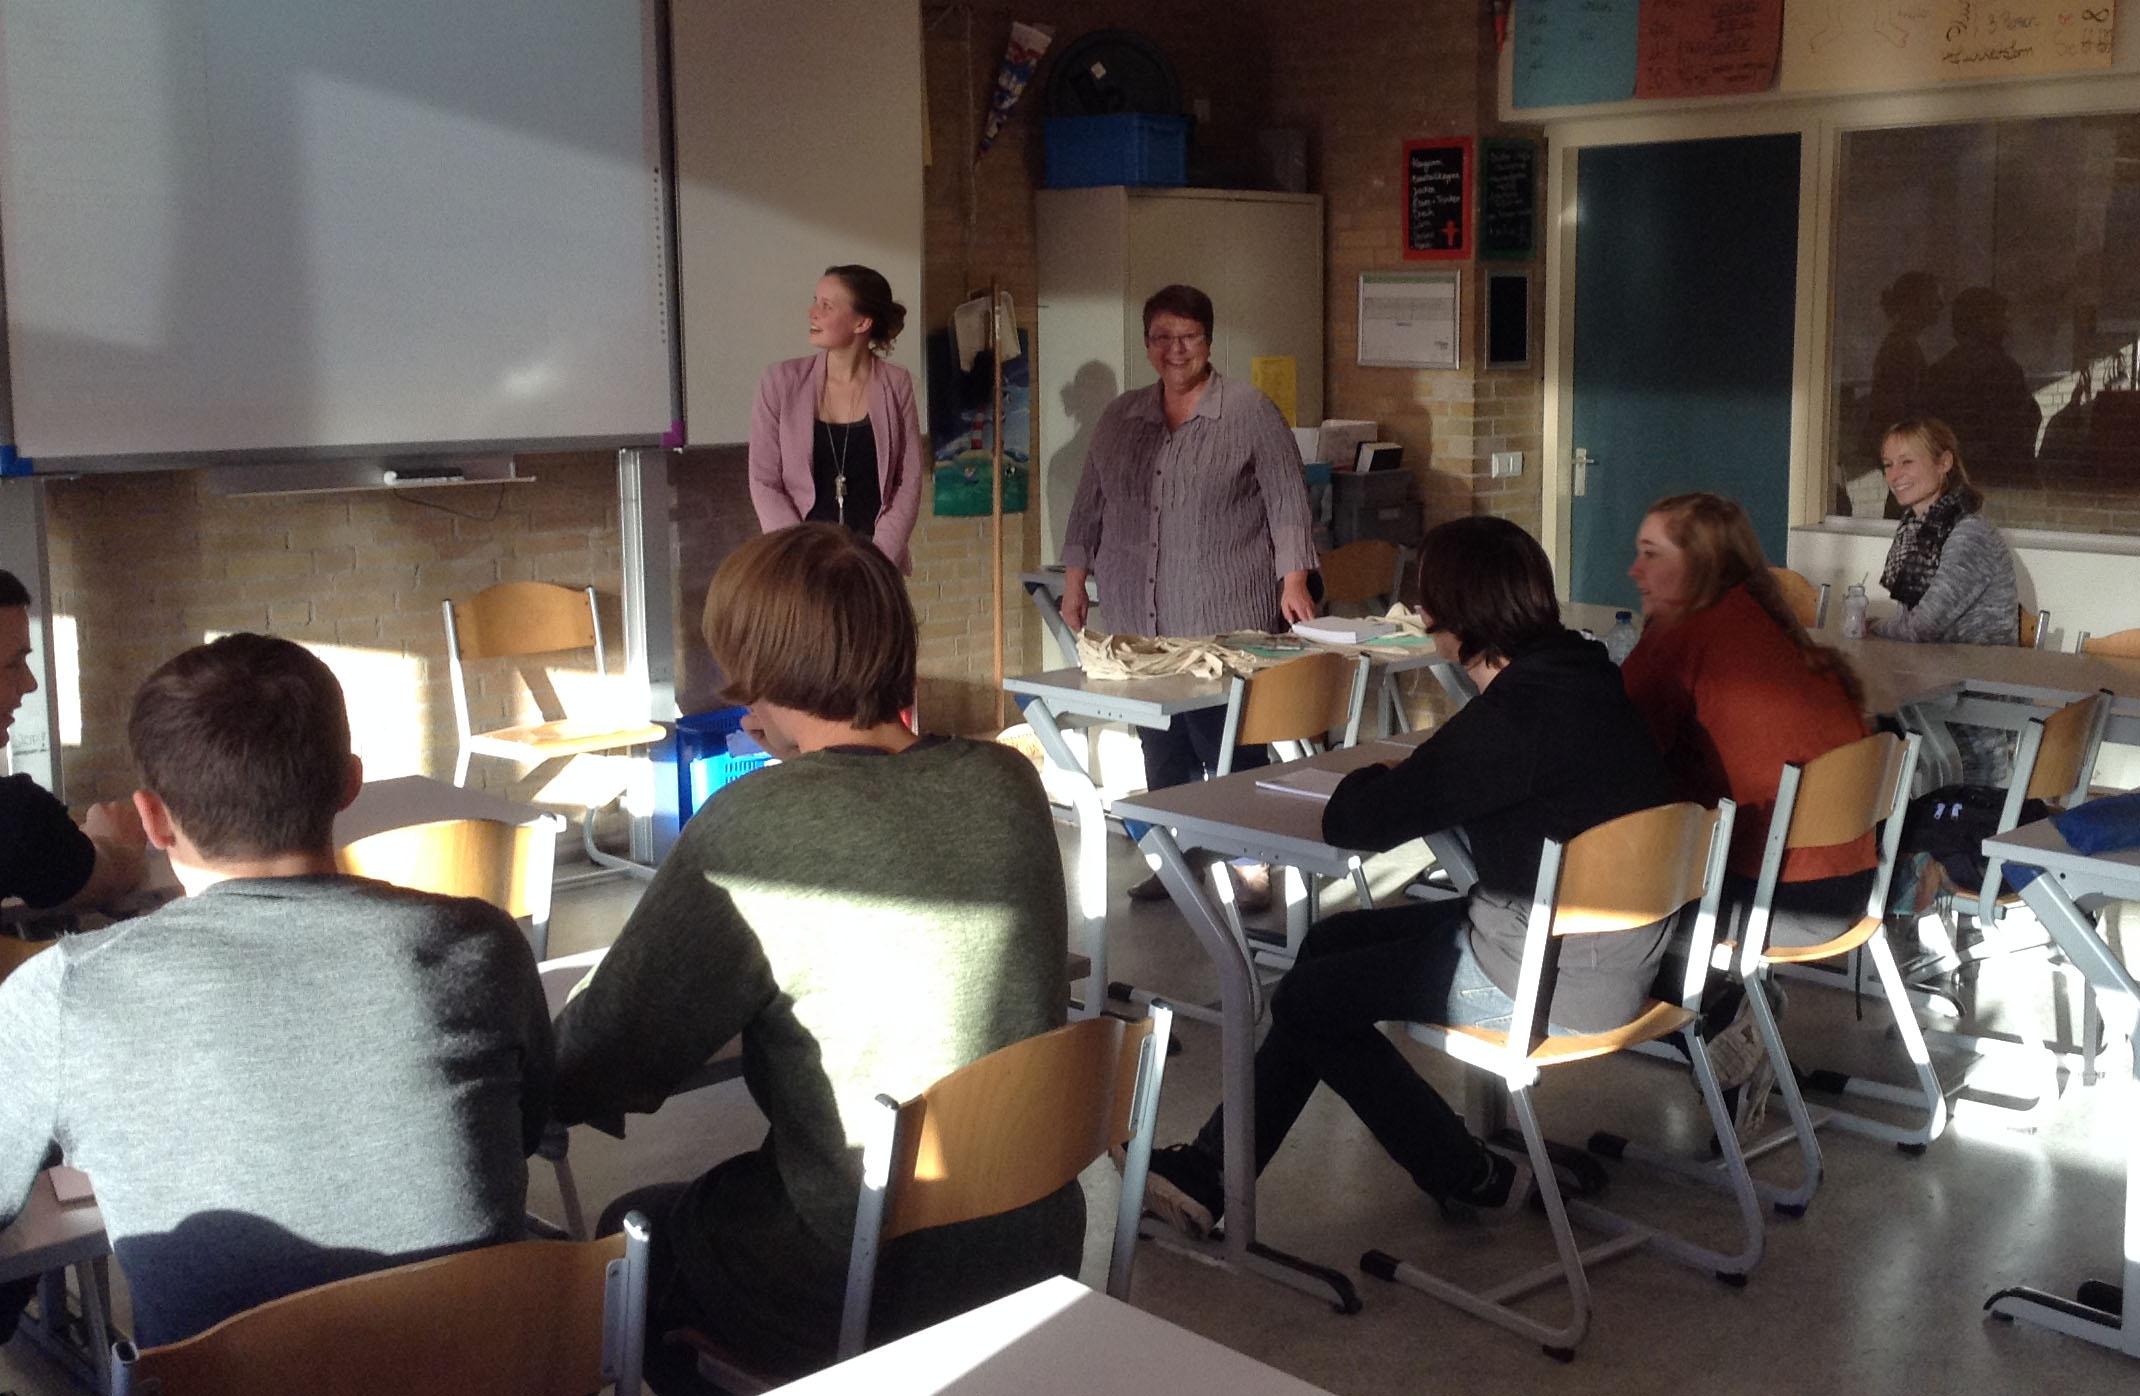 Ambassadeur Nora in actie voor de klas in Haarlem.